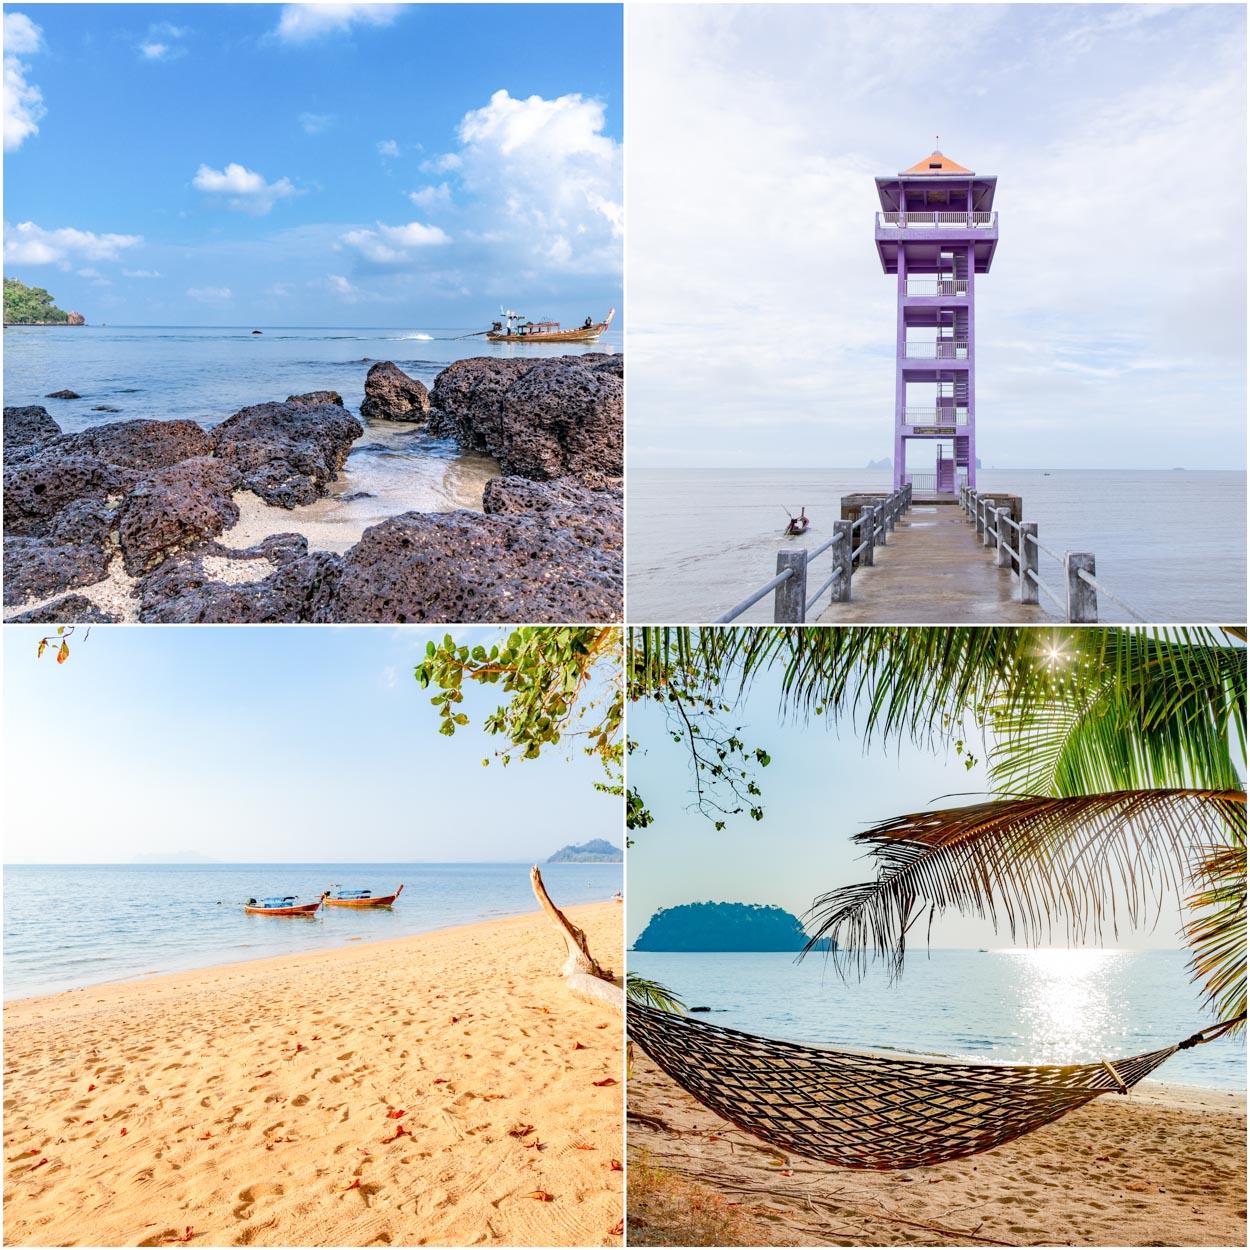 ห้ามพลาดกับธรรมชาติบำบัด เกาะลิบง สถานที่พักผ่อนหย่อนใจแวะชมพะยูนและนกหลายสายพันธุ์ริมหาด